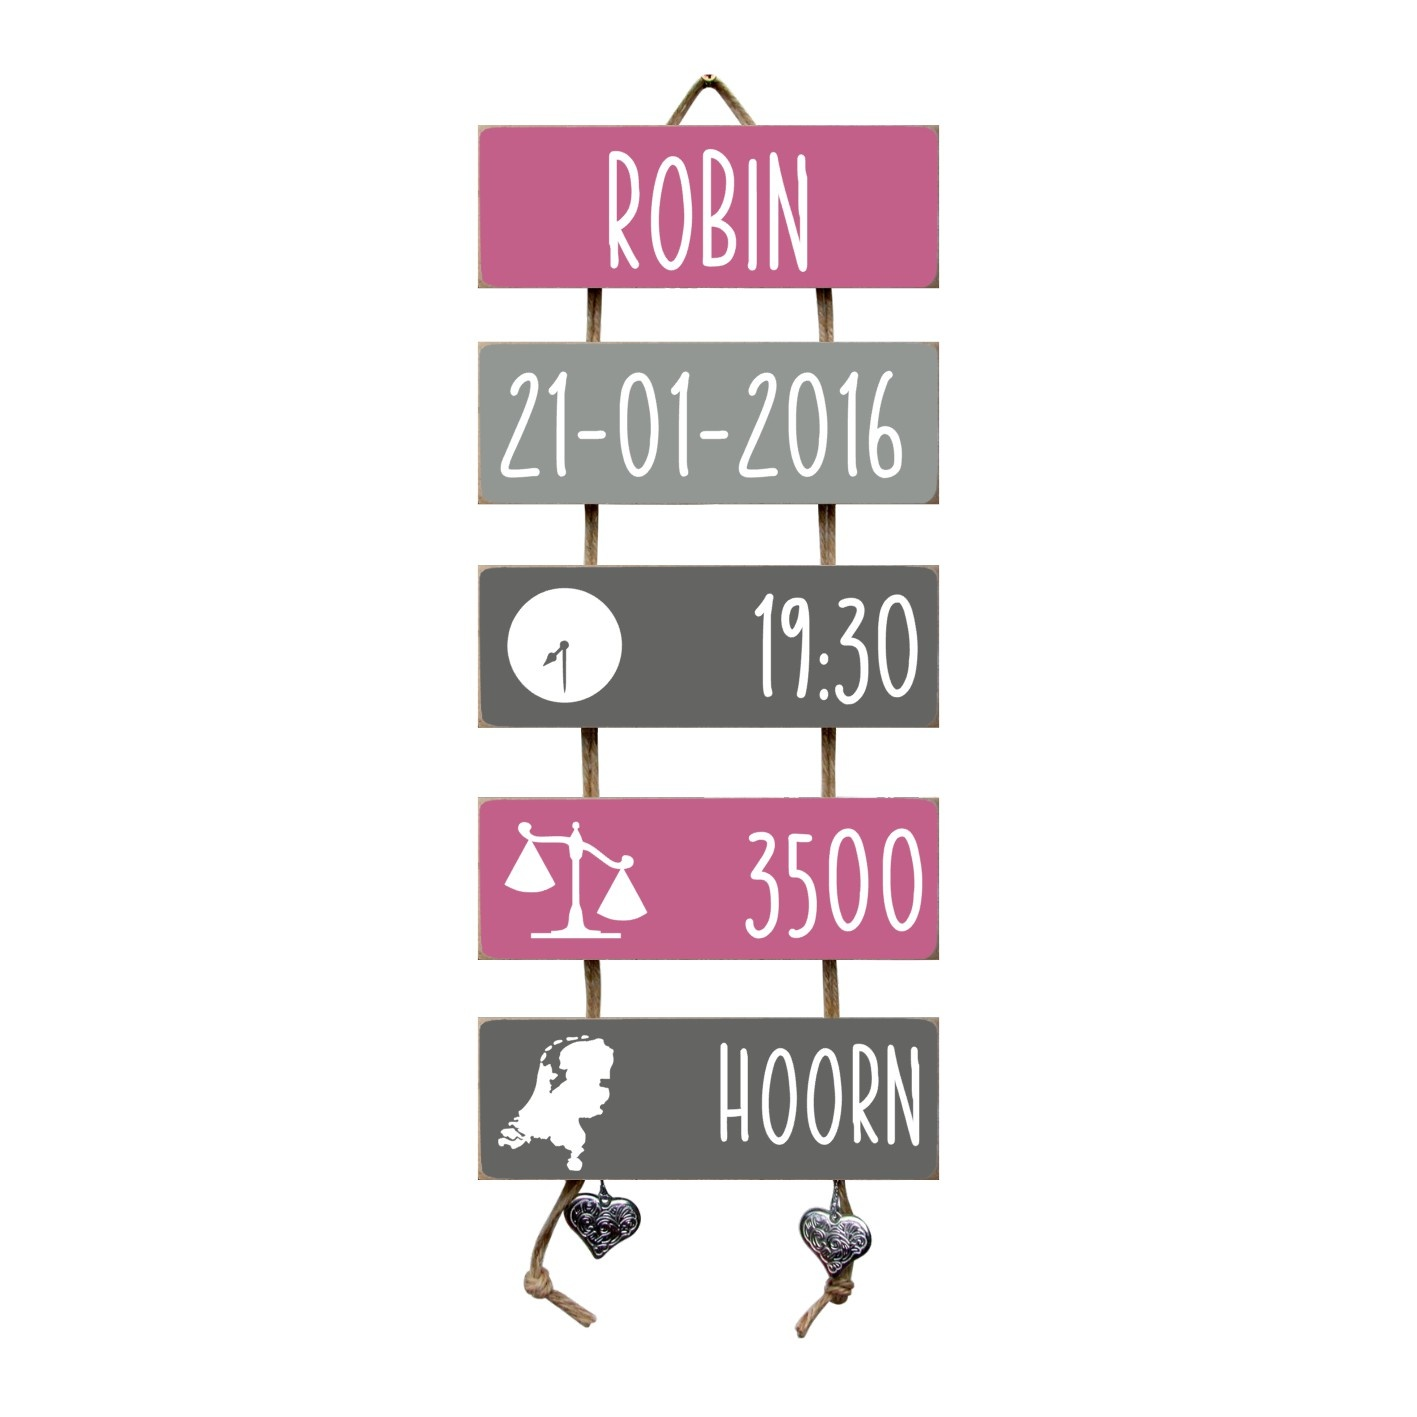 Kraamcadeau Geboorteladder Robin donkerroze/grijs